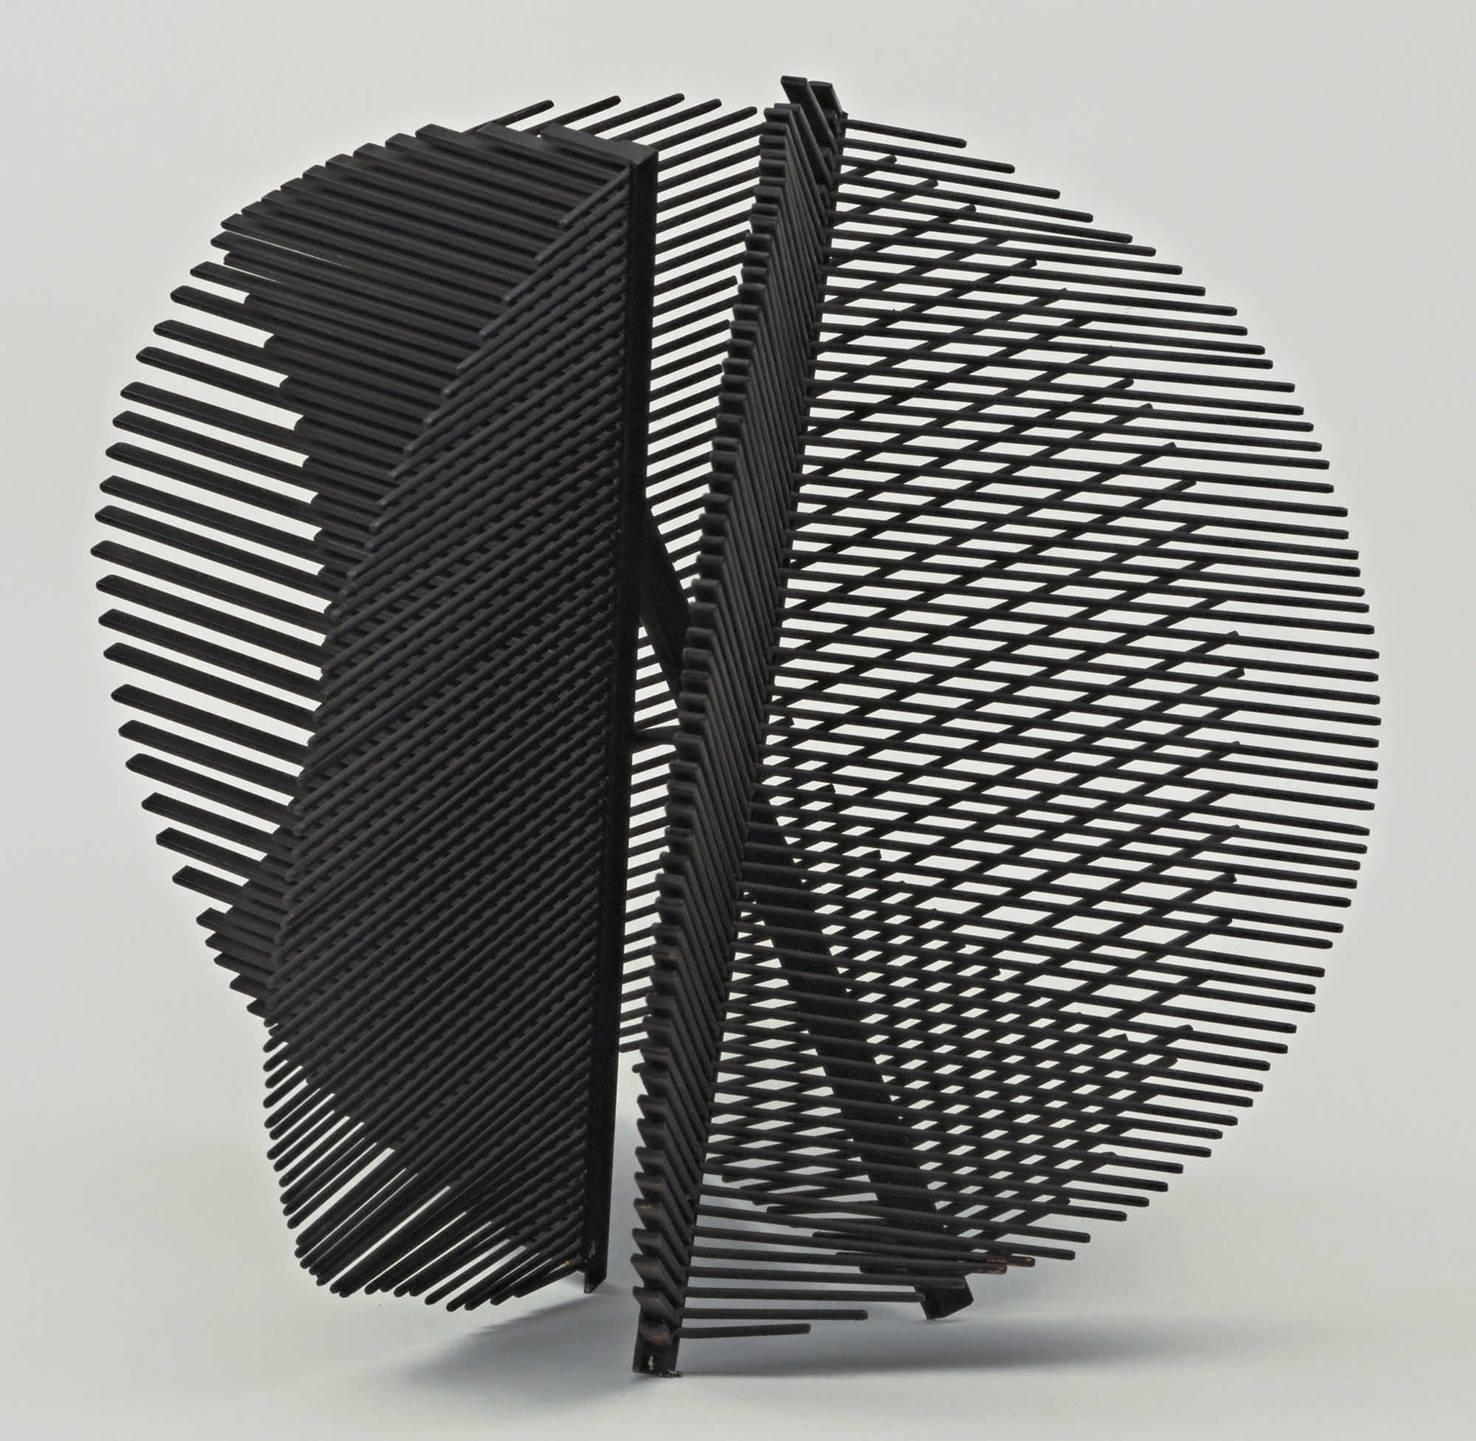 Gego. Sphere,1959. Colección MoMA